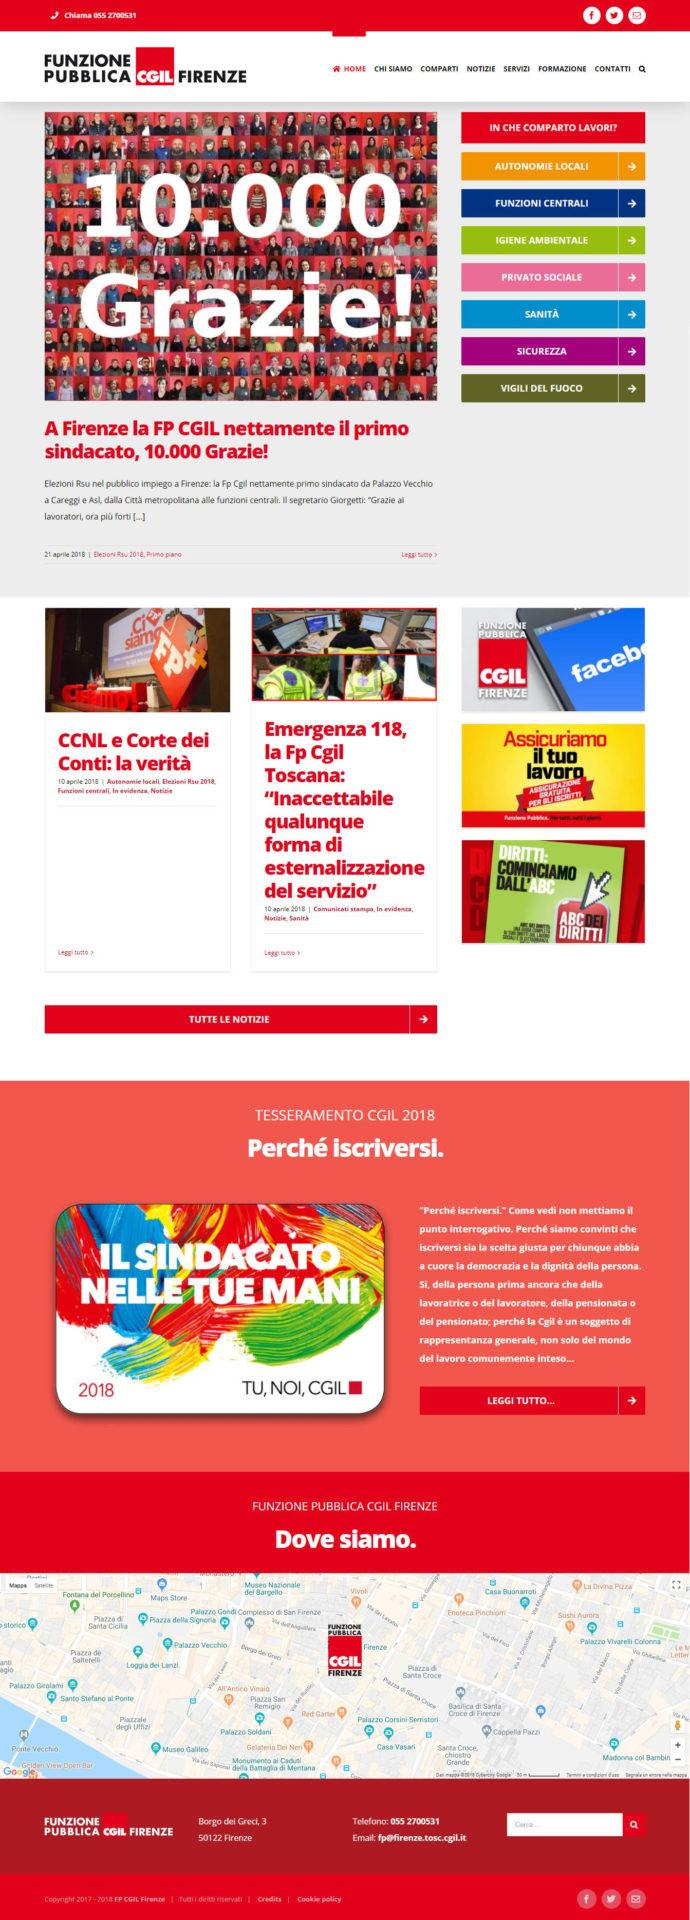 Prima pagina del sito internet www.fpcgilfirenze.it